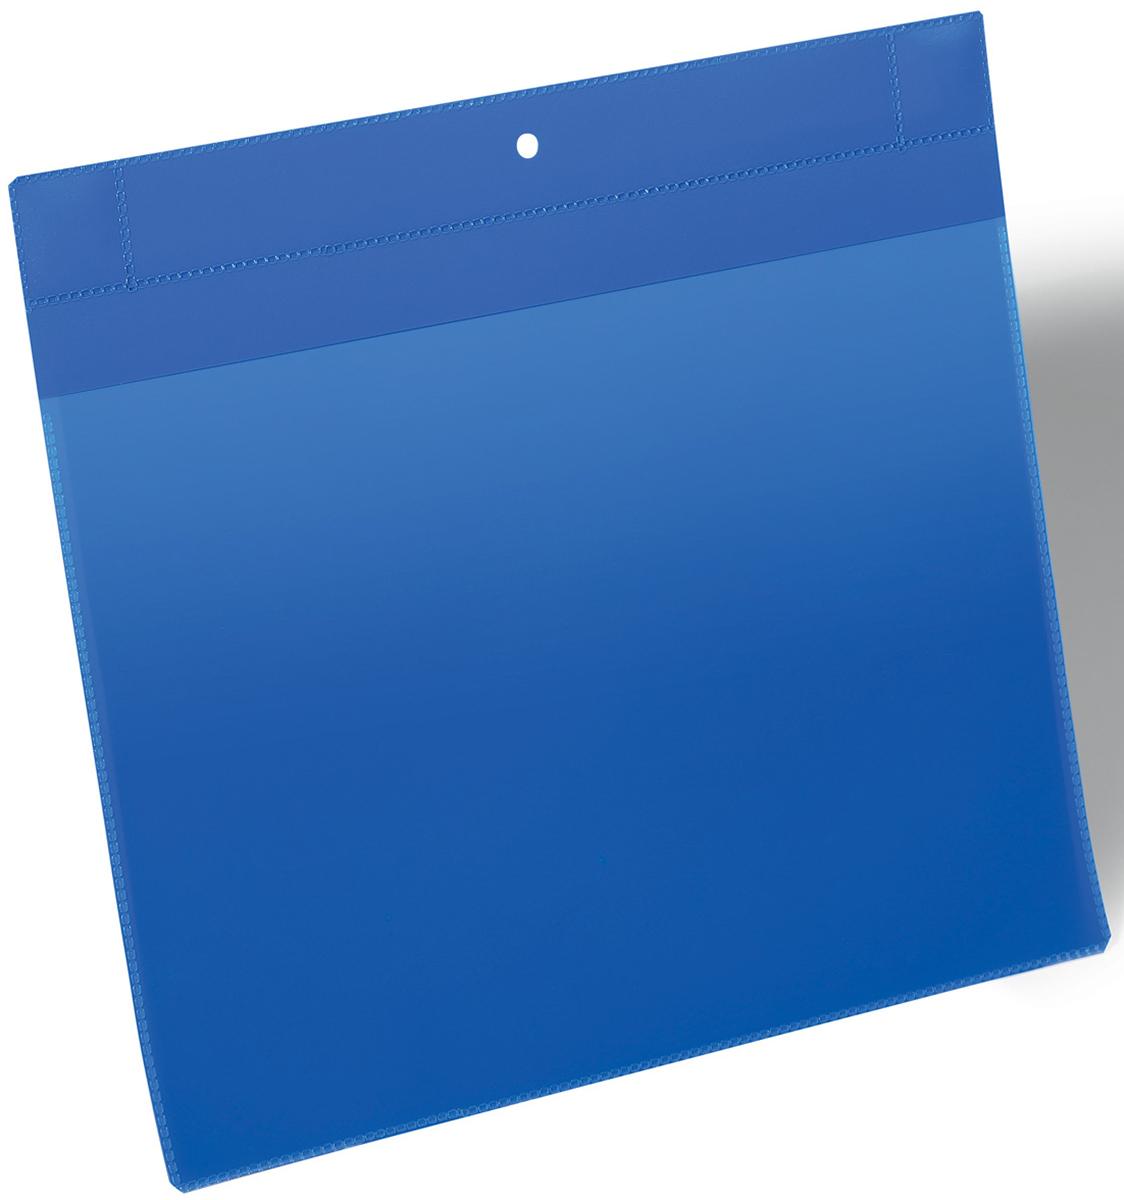 Durable Карман для маркировки и хранения документов цвет синий1748-07Карман для маркировки с двумя сильными неодимовыми магнитами. Применяется для размещения маркировочной информации на металлических поверхностях, таких как складские стеллажи, металлические контейнеры. Синяя подложка-основа и прозрачное окошко выполнены из износостойкого полипропилена. Не бликует, что удобно для сканирования, не вынимая маркировочный вкладыш. Быстрая и удобная замена вкладыша. Возможно размещение на улице: благодаря специальному клапану обеспечивается защита вкладыша от пыли и дождя.Внутренние размеры: А4Внешние размеры: 311 х 280 мм (Ш х В)Упаковка: 10 штук